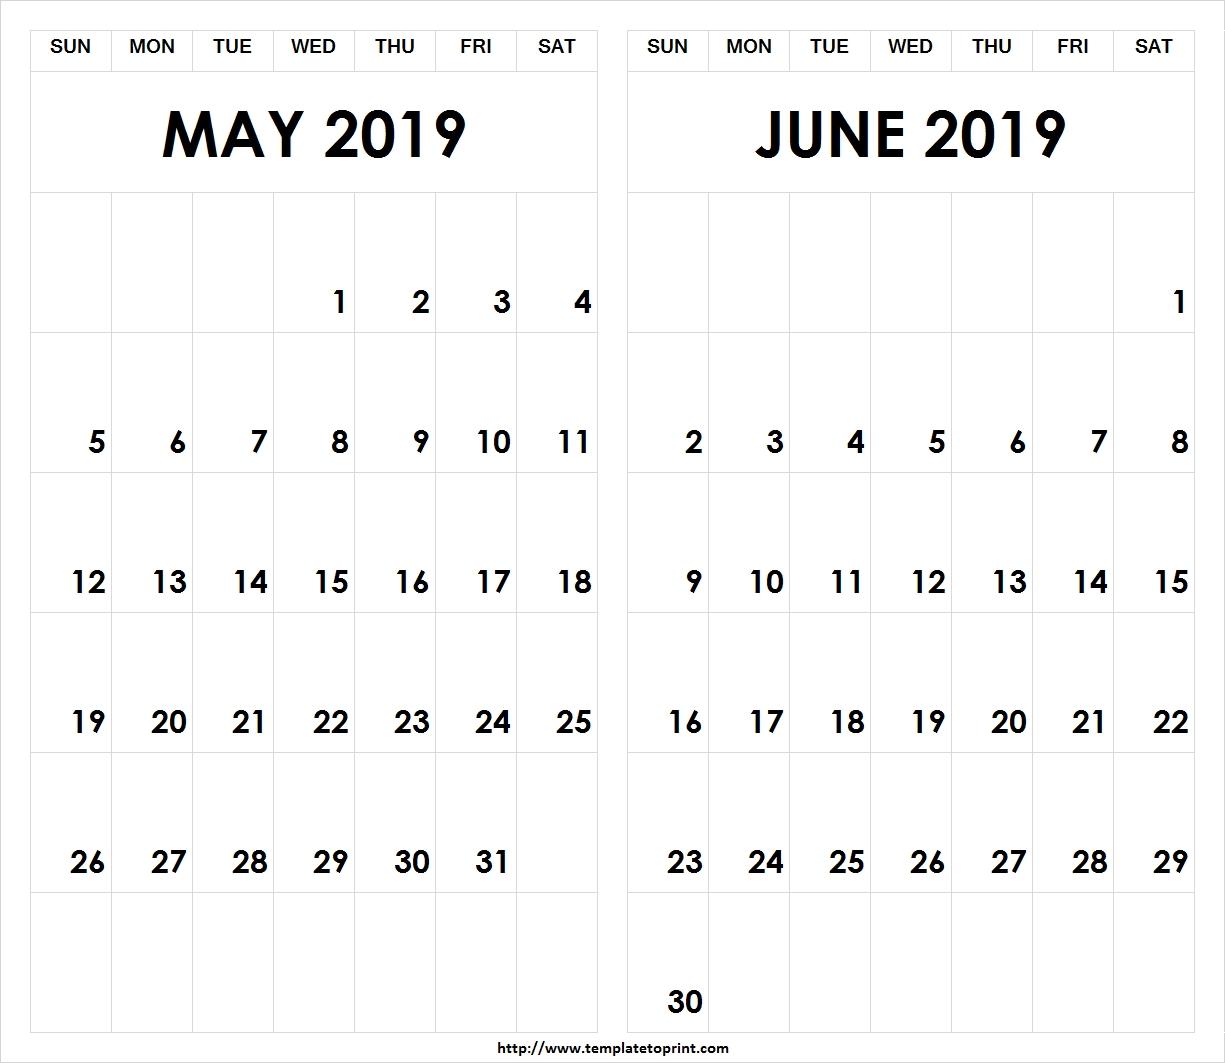 Printable-2019-May-June-Calendar » Template To Print Calendar 2019 May June